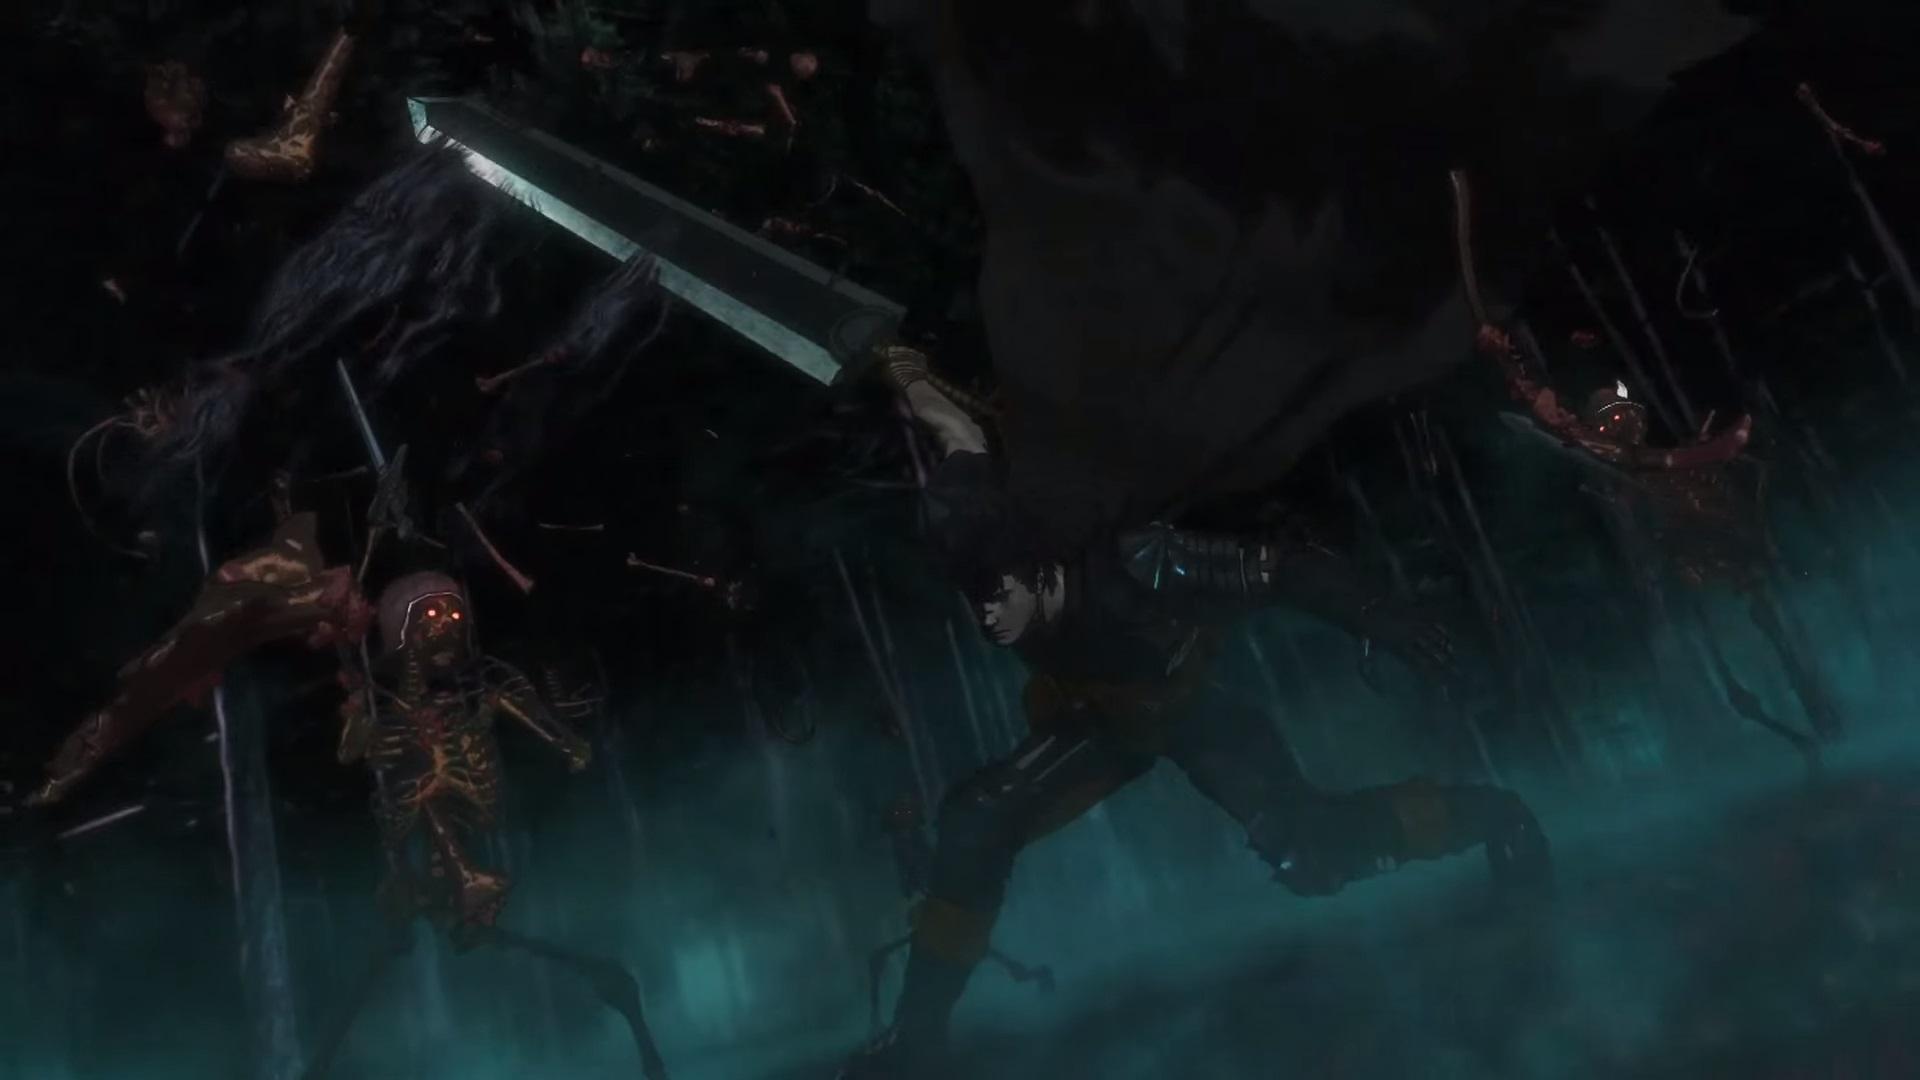 Berserk CG Anime skeletons